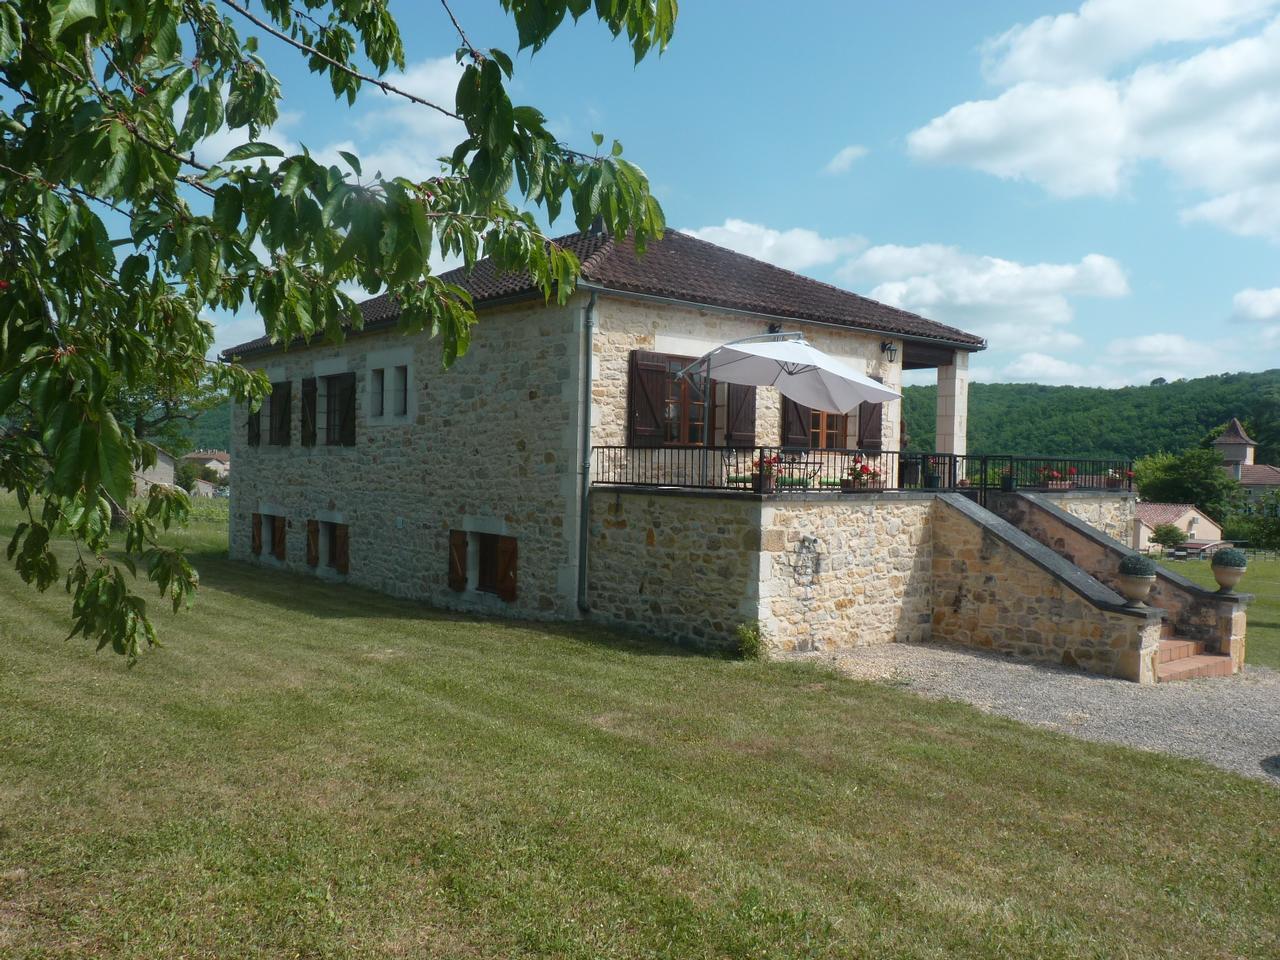 Vente maison/villa 6 pièces albas 46140